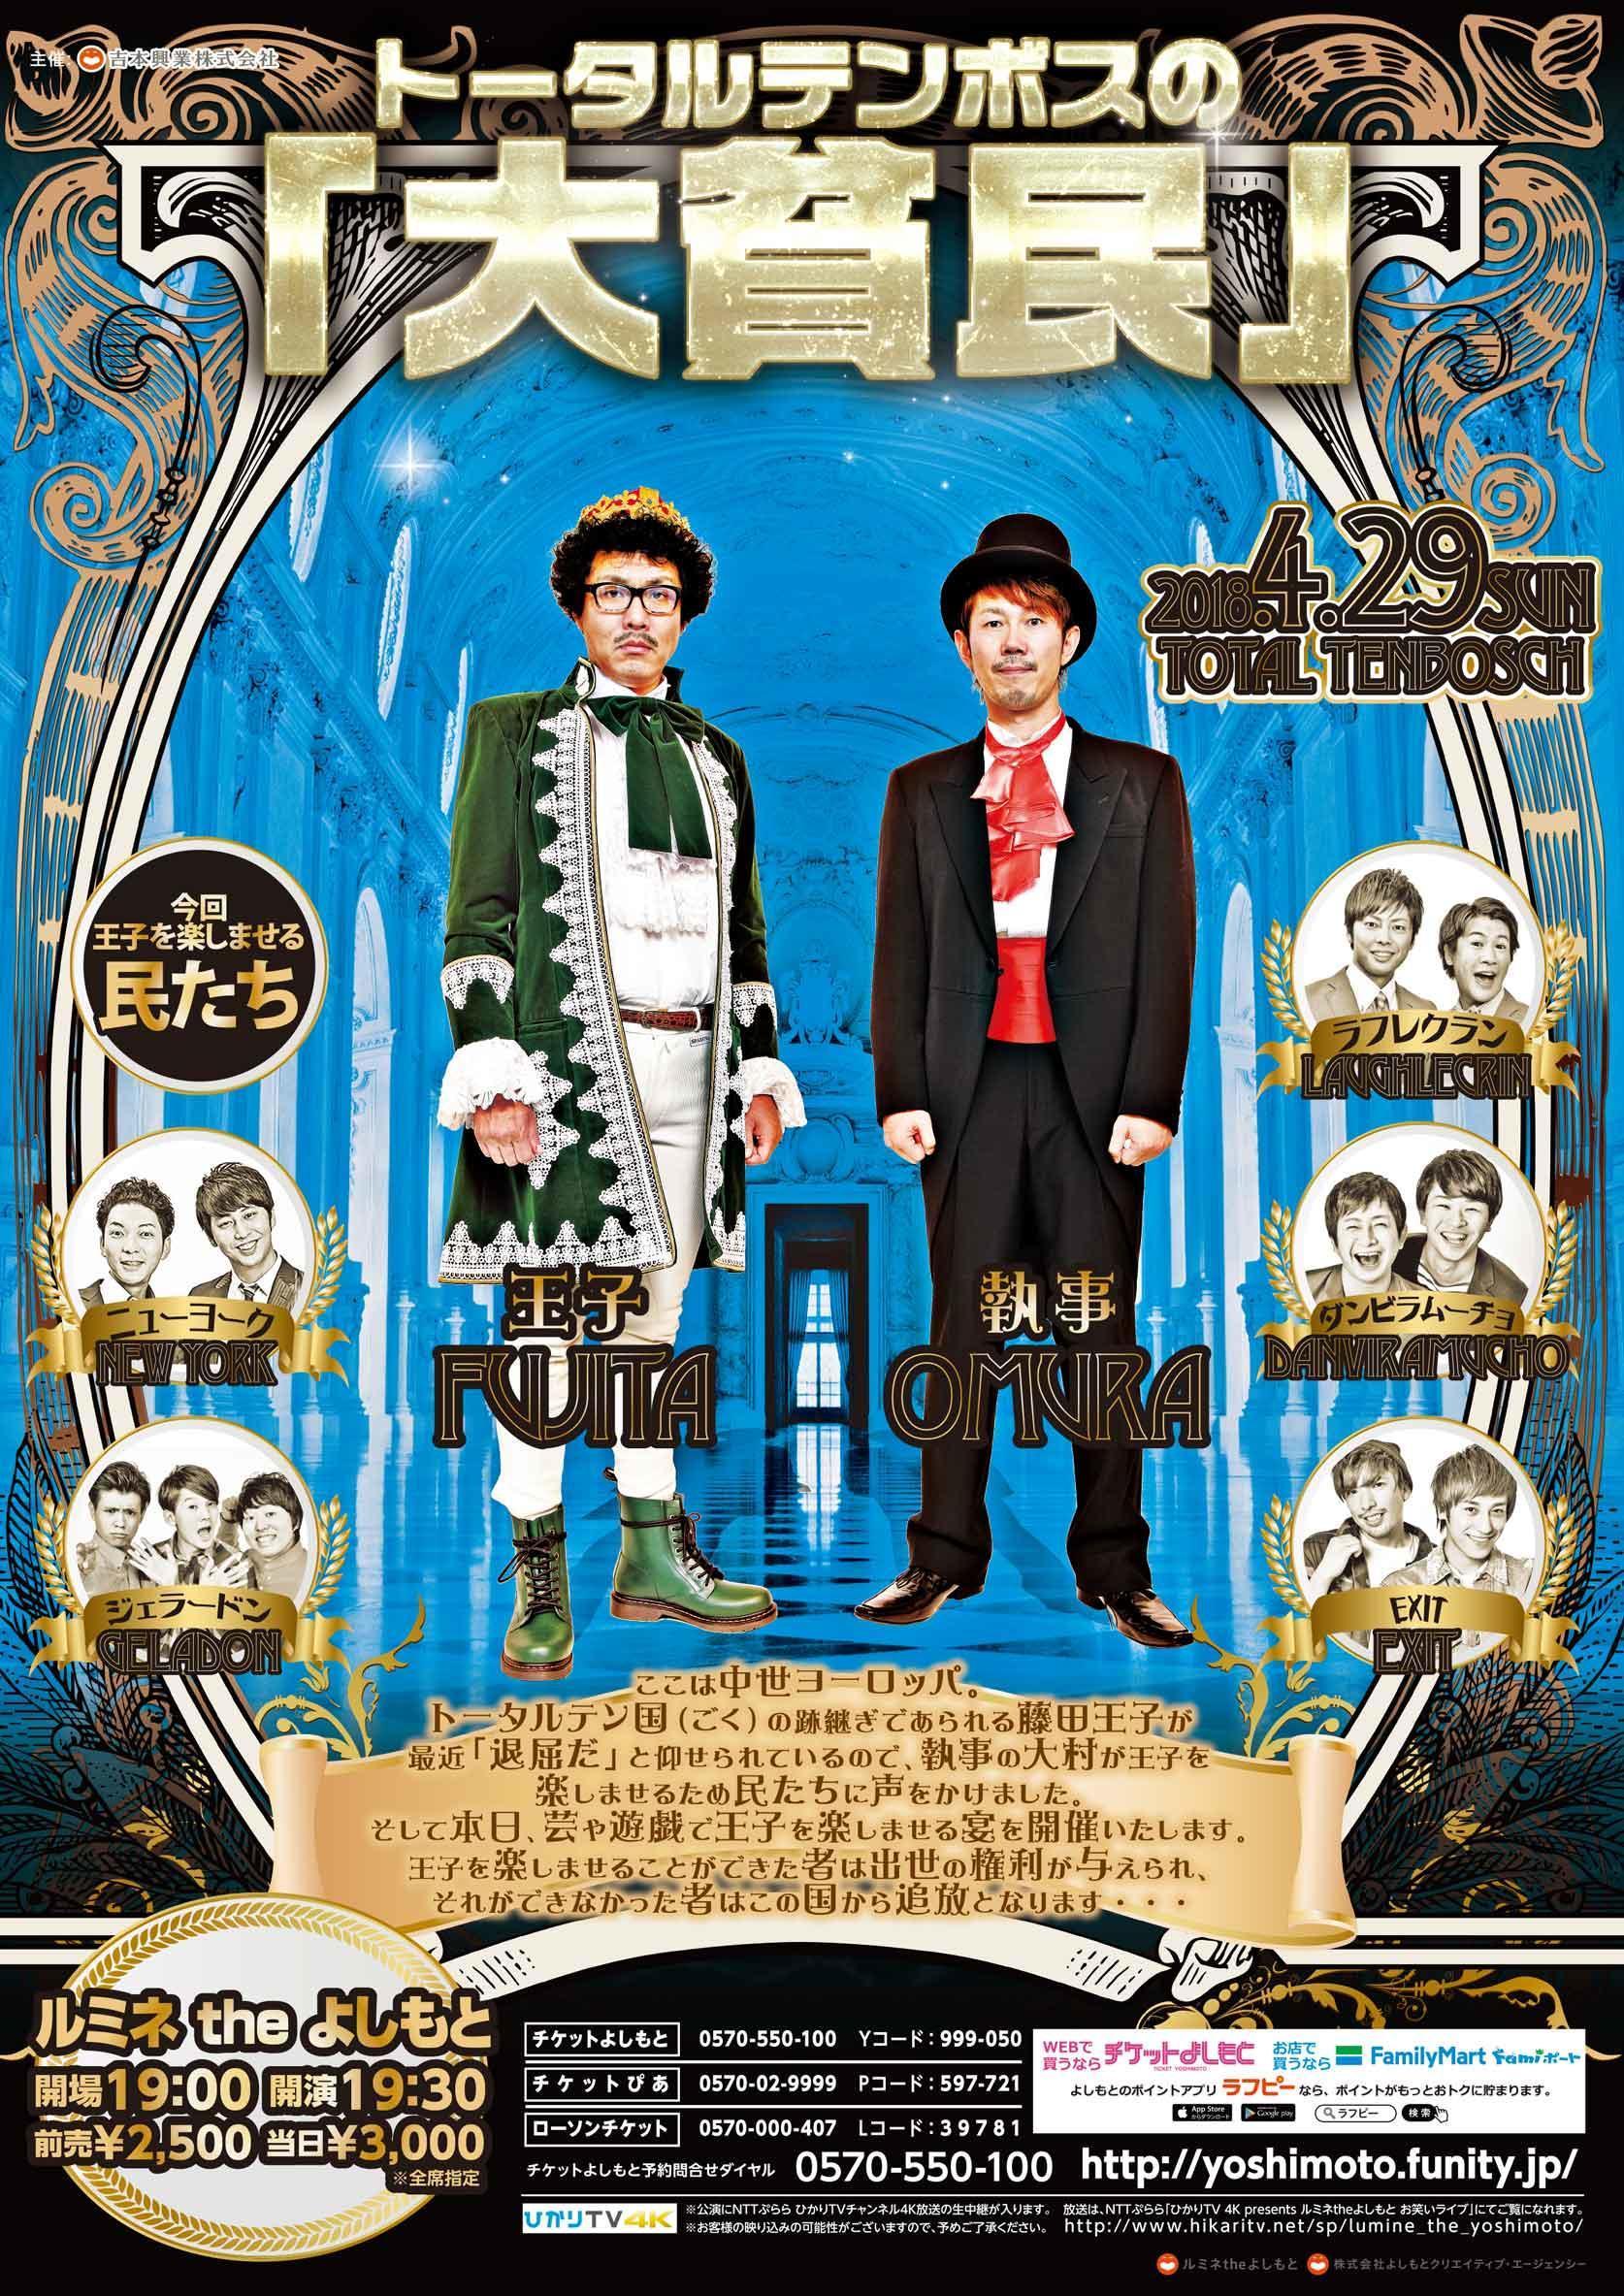 http://news.yoshimoto.co.jp/20180426155510-615bd578df86dc815c0c89426c9b39d715c4bec2.jpg